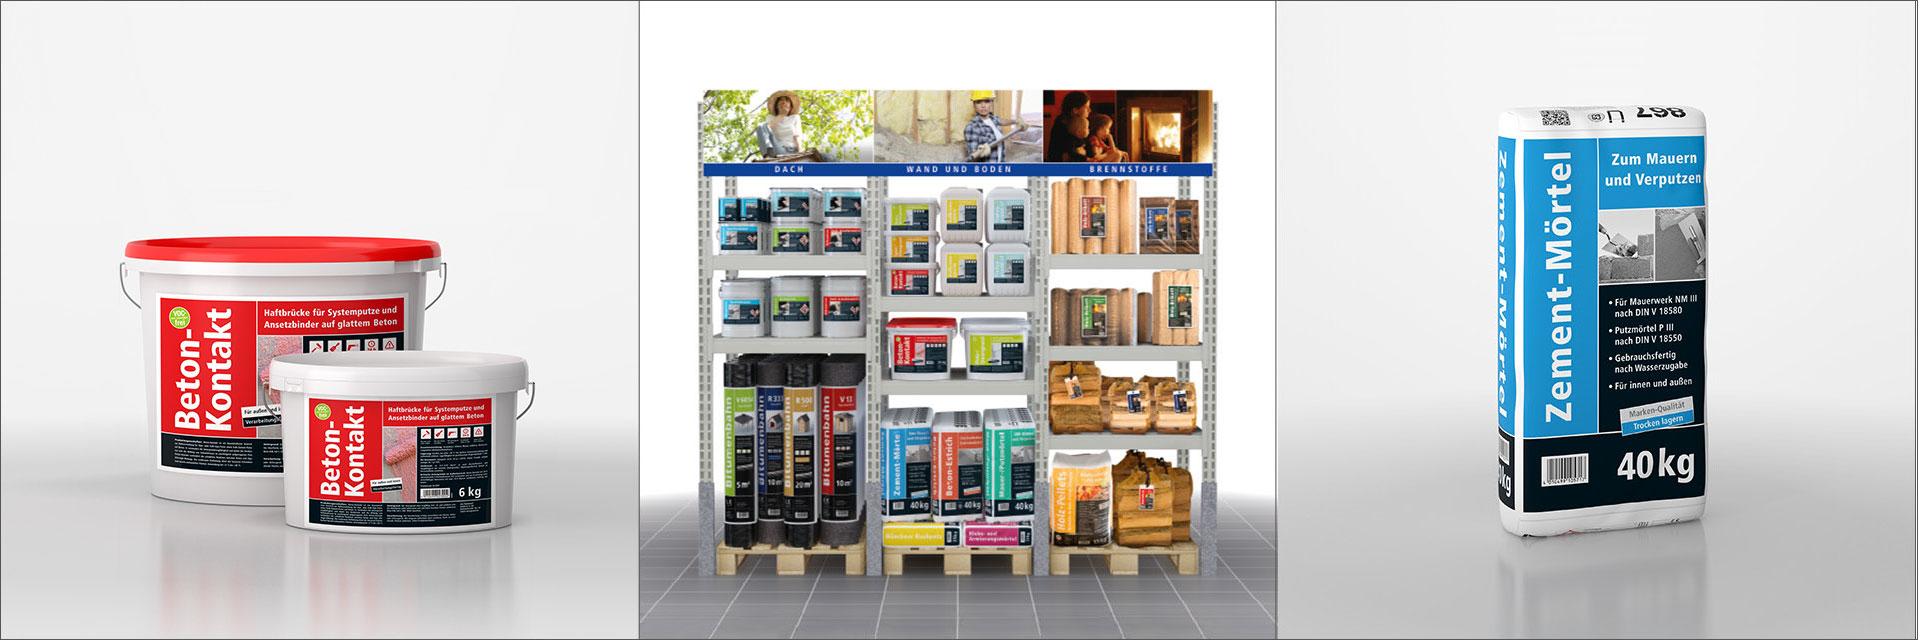 Projekte: jass produktvisualisierung - Verpackungsdesign und POS-Platzierung